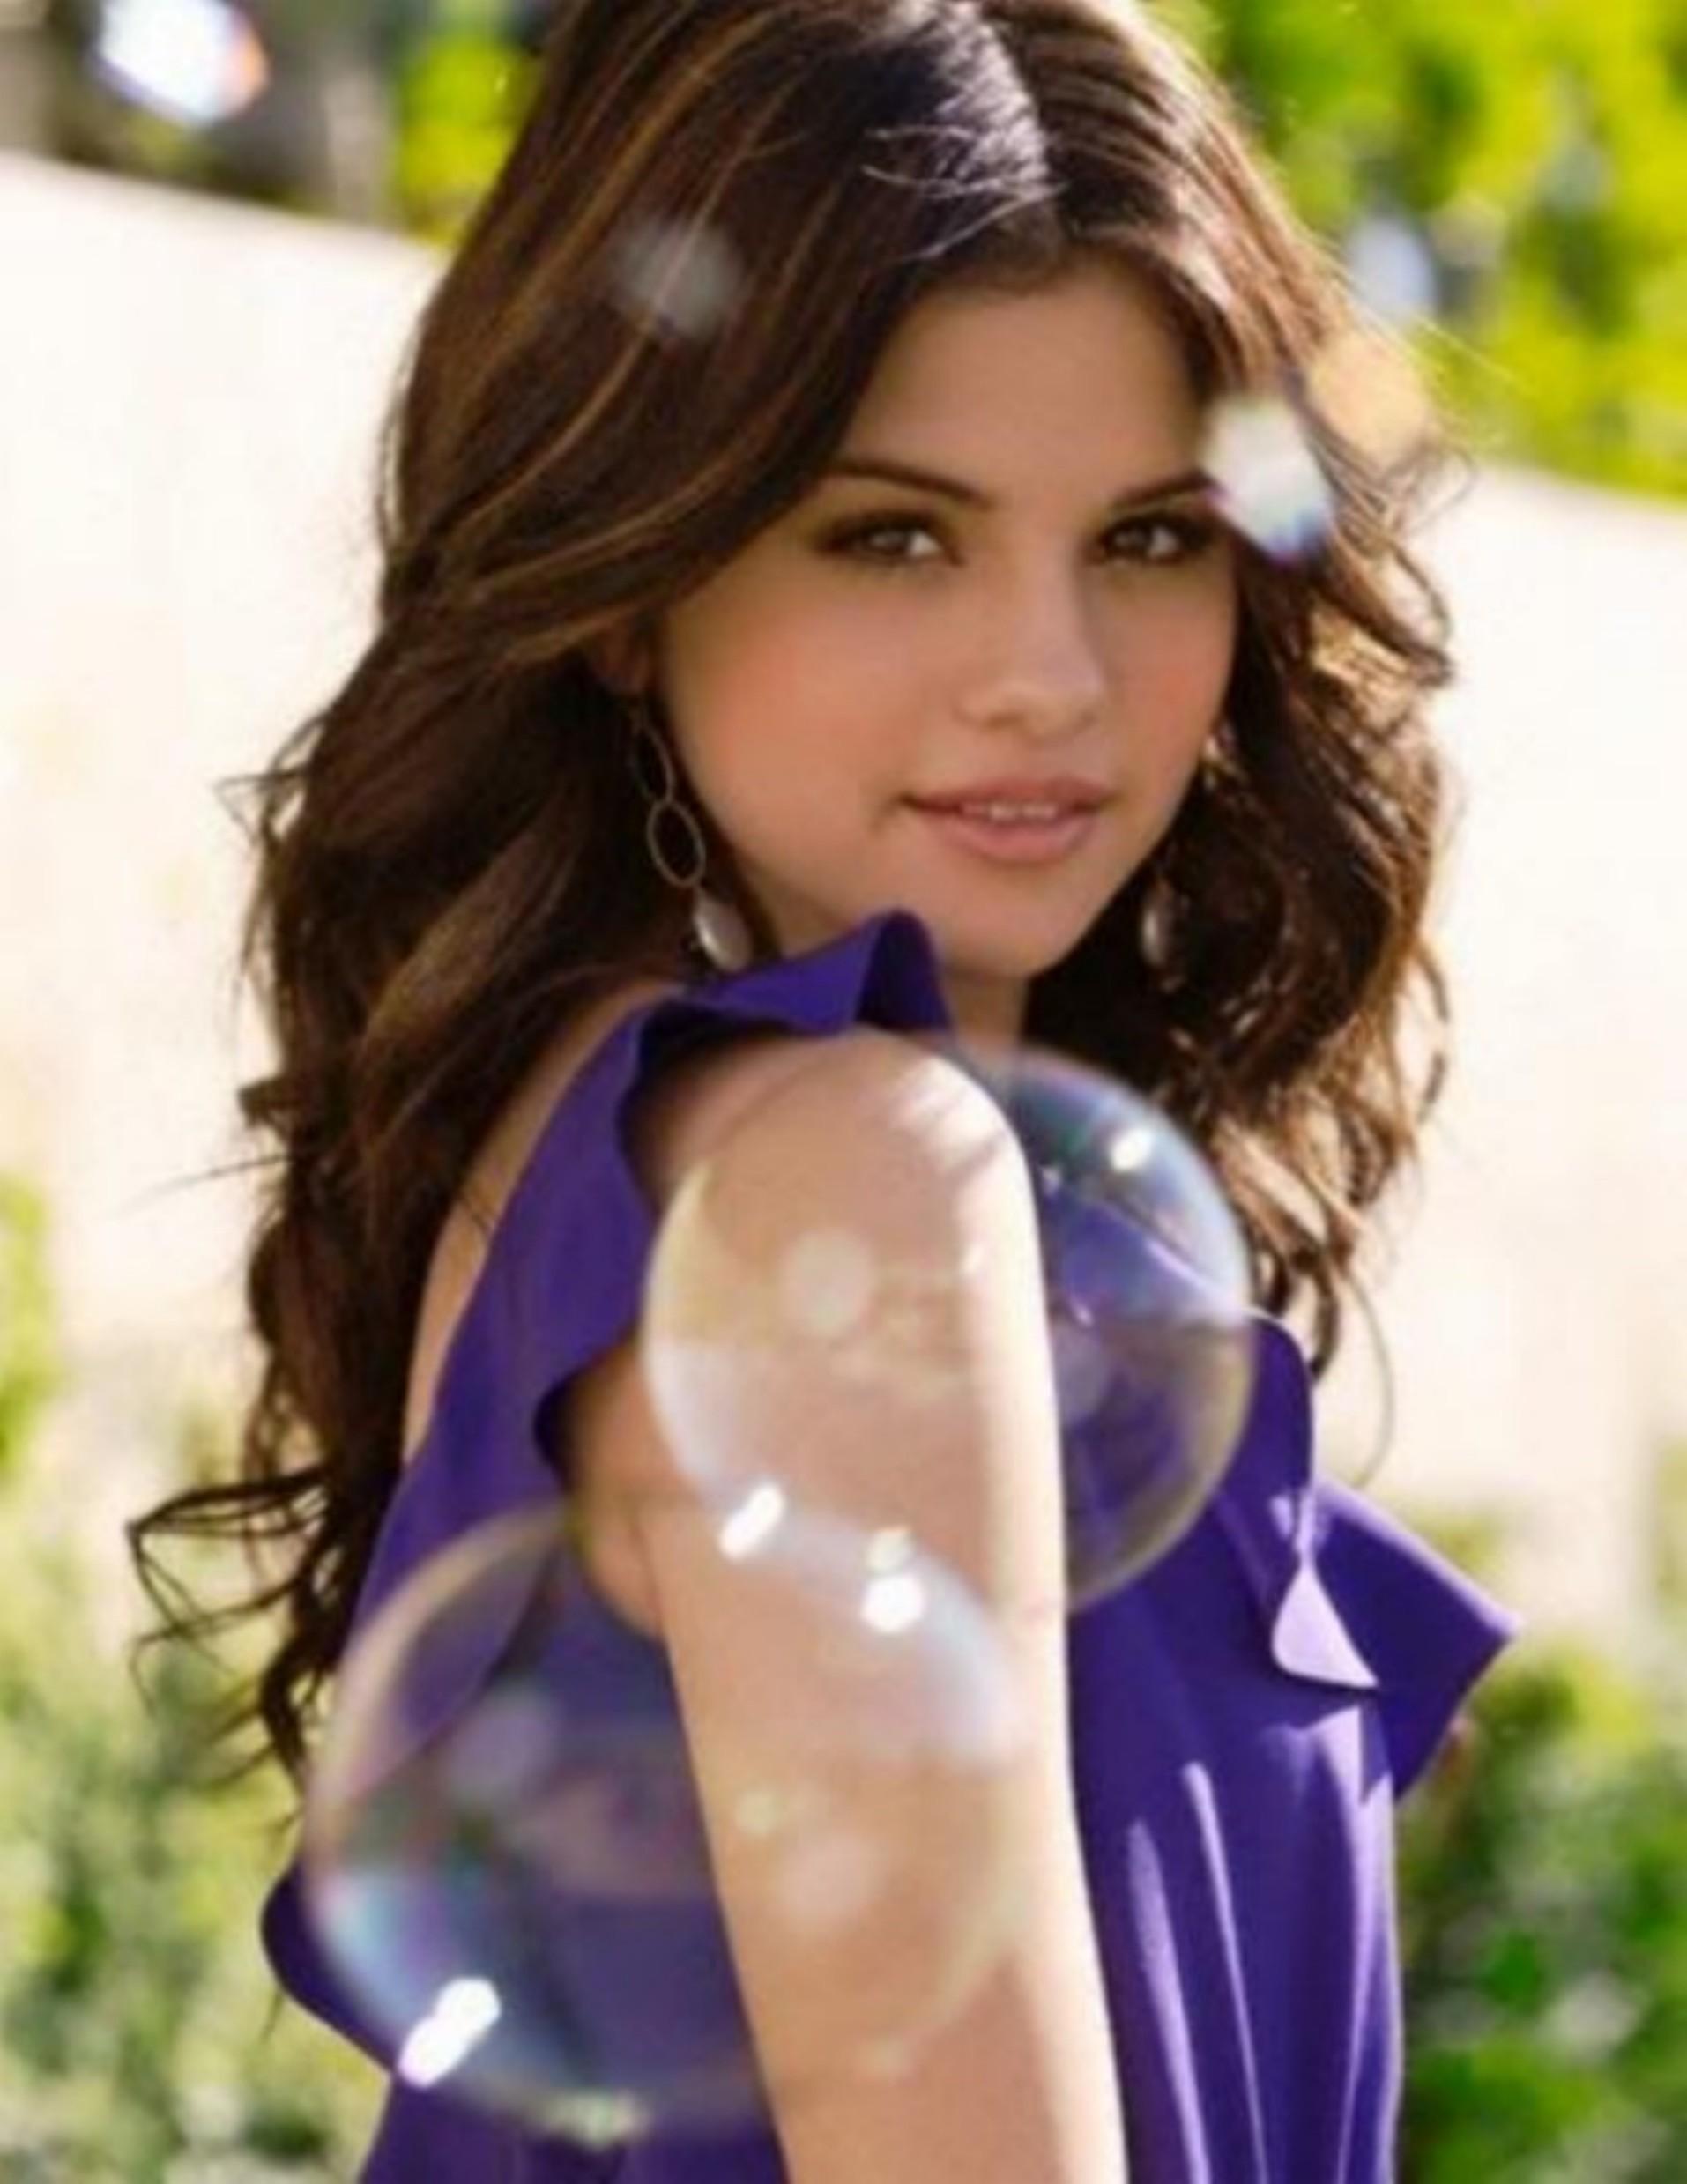 Selena Gomez - Fanpop